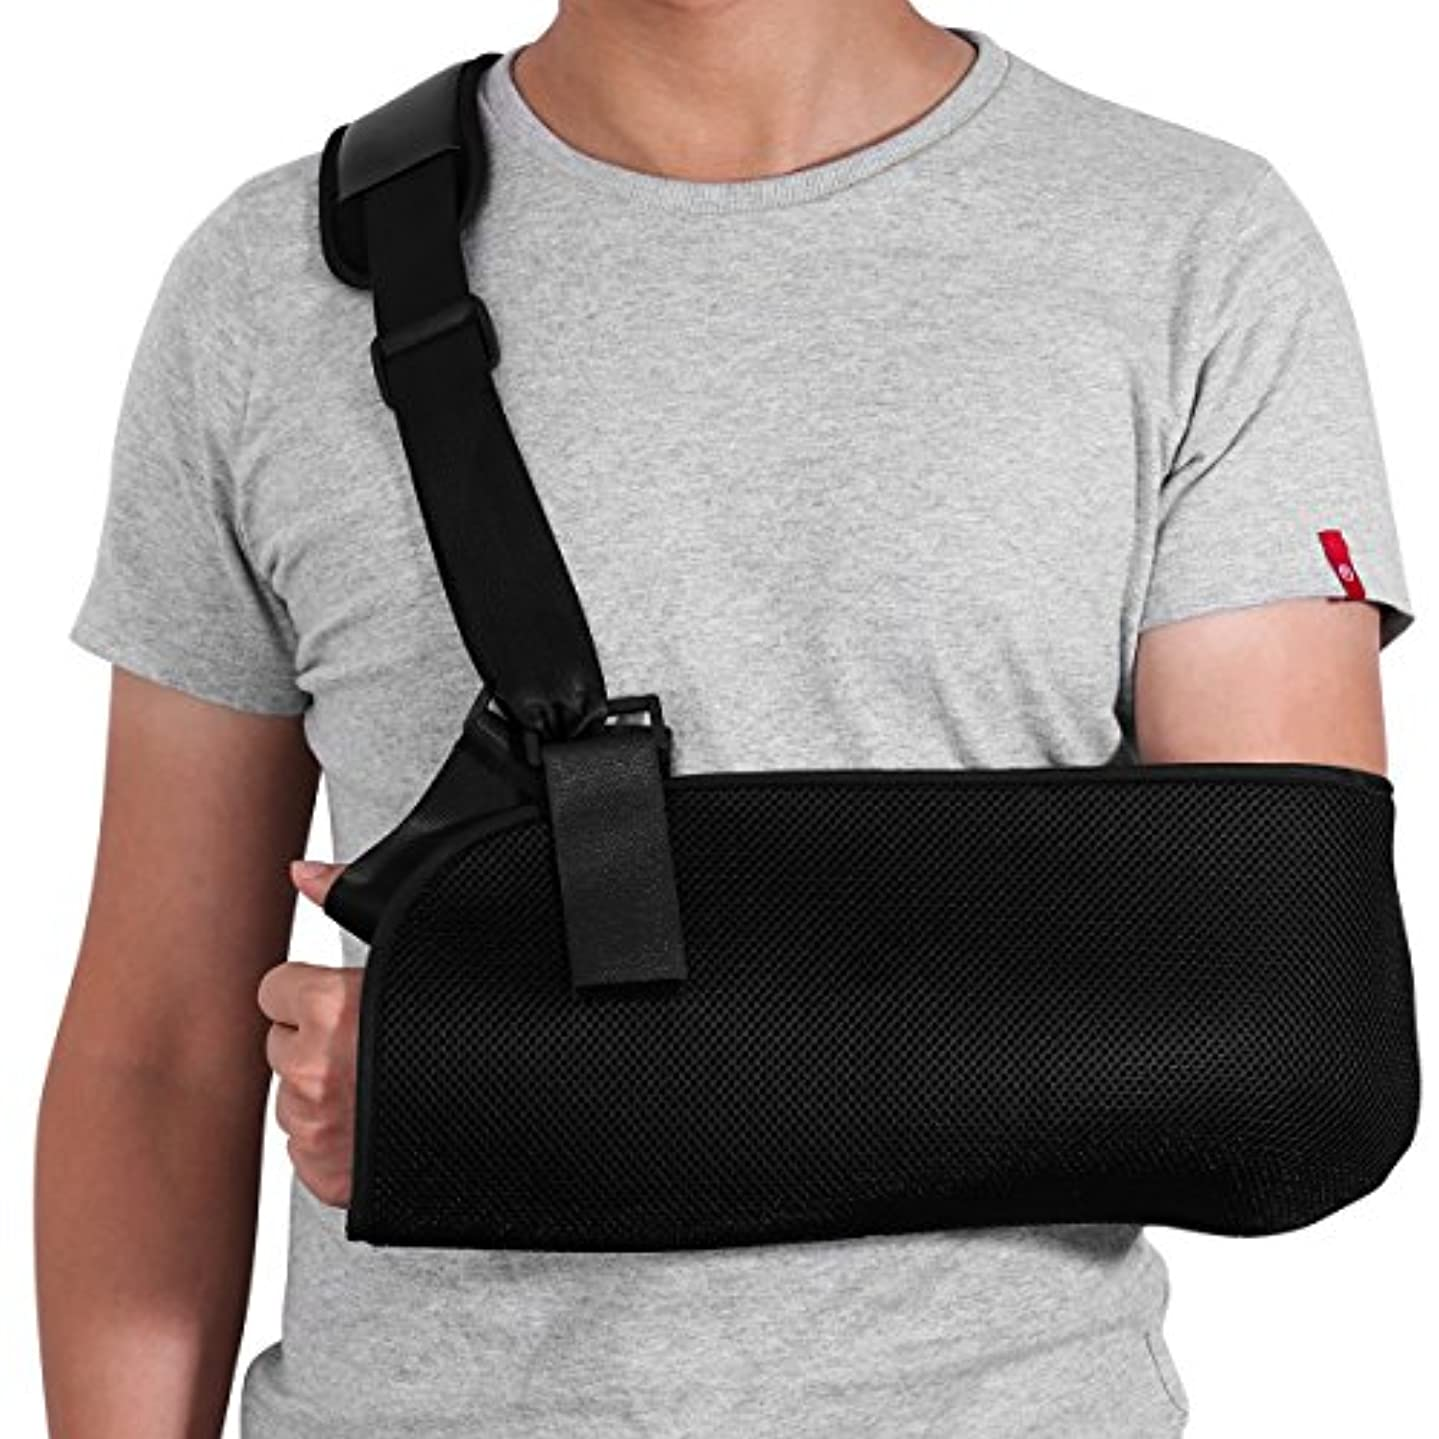 歌手そうでなければ文献ROSENICE アームスリング - 壊れた骨折したアームのためのショルダーイモビライザー - 調節可能なアーム、ショルダーローテーターカフサポートブレース - 涙、脱臼、捻挫およびひずみ